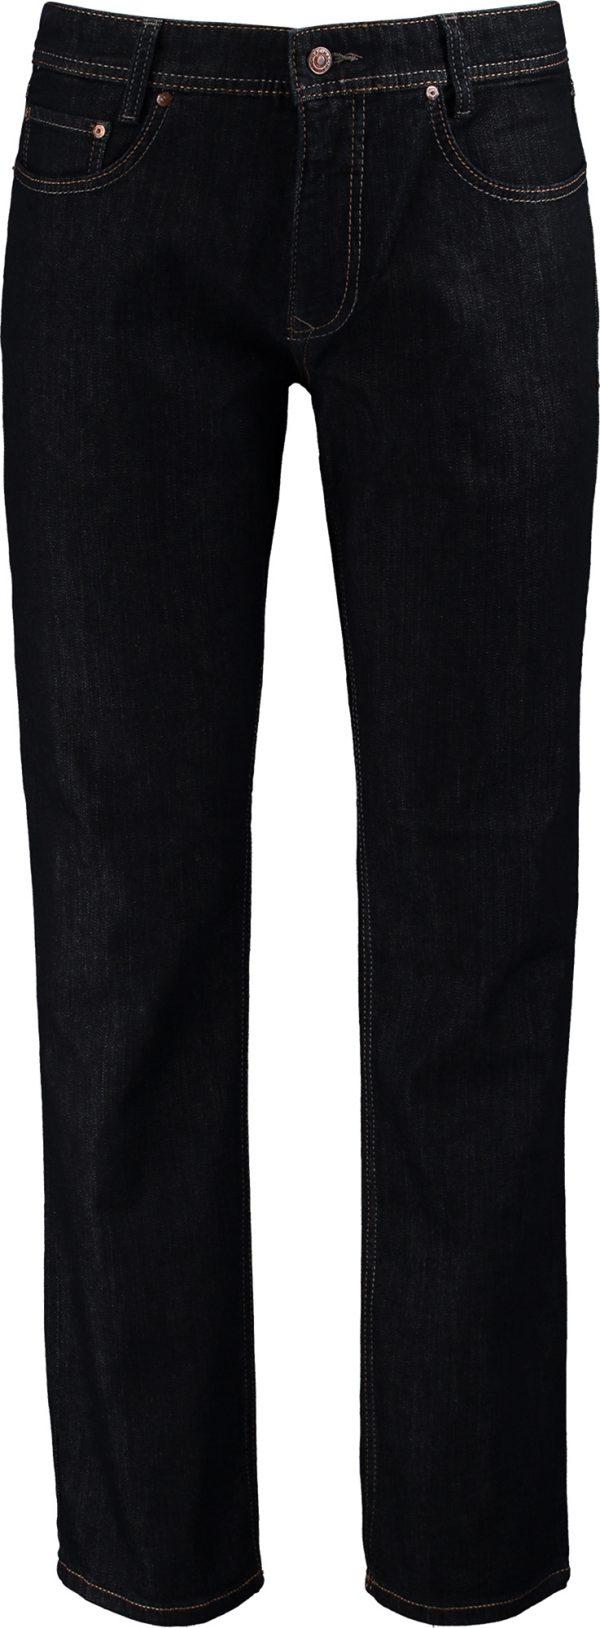 189385_m9_mac_jeans_front